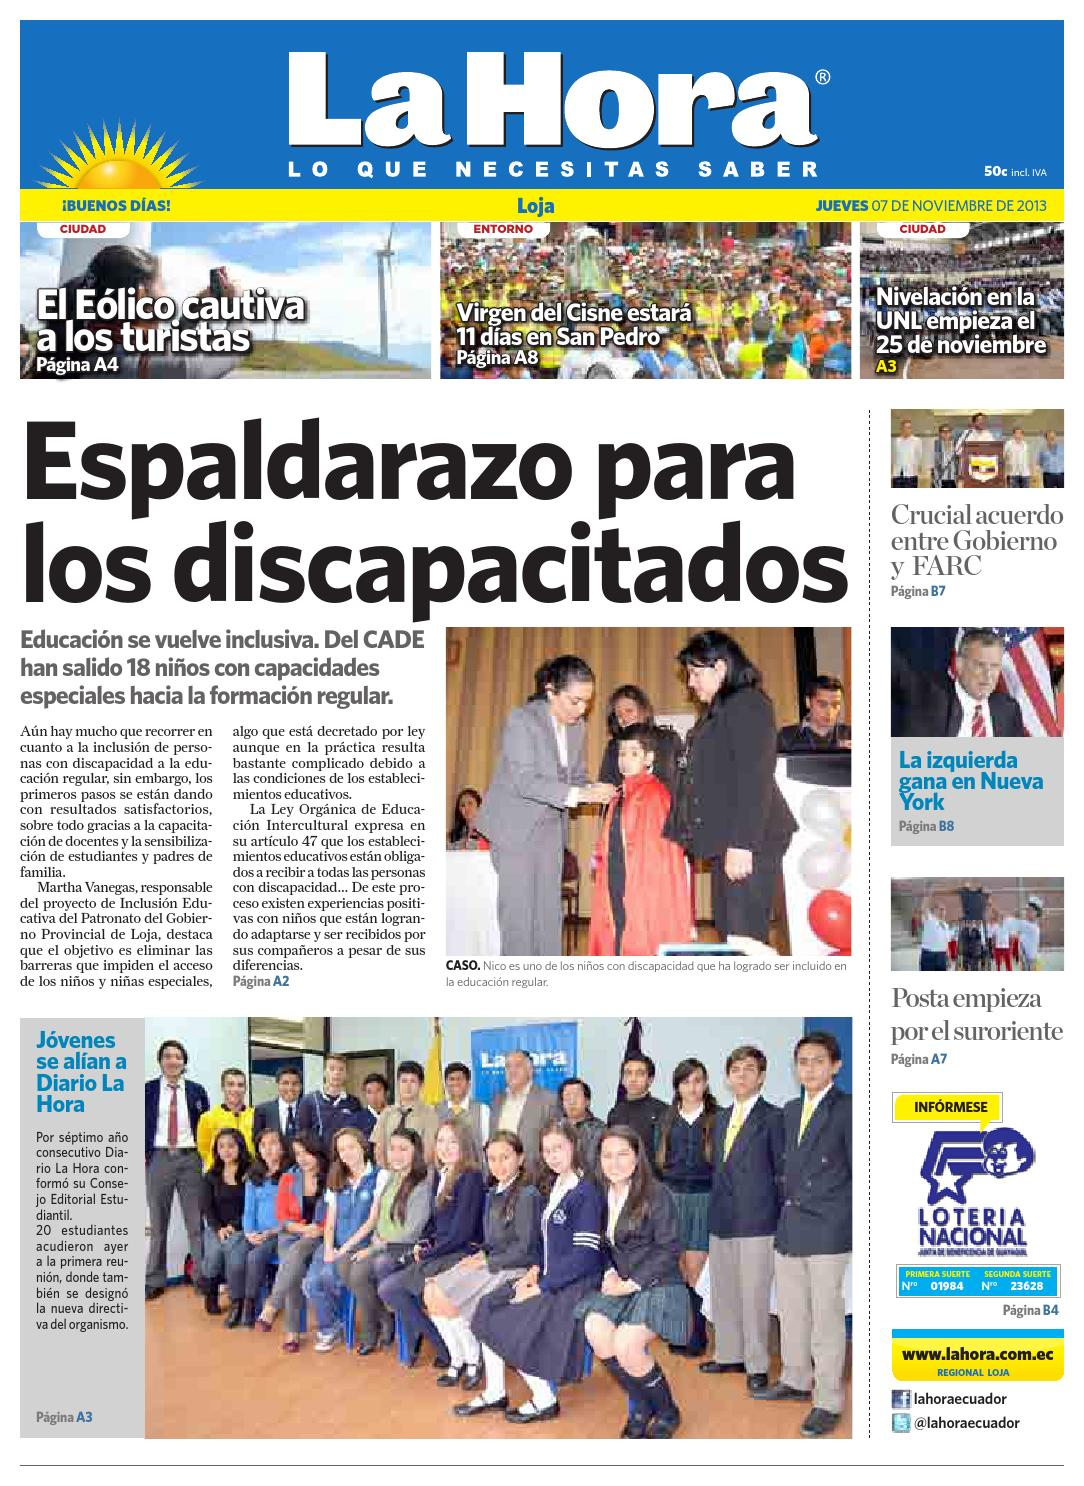 e87db75840cca Diario La Hora Loja 07 de Noviembre 2013 by Diario La Hora Ecuador - issuu